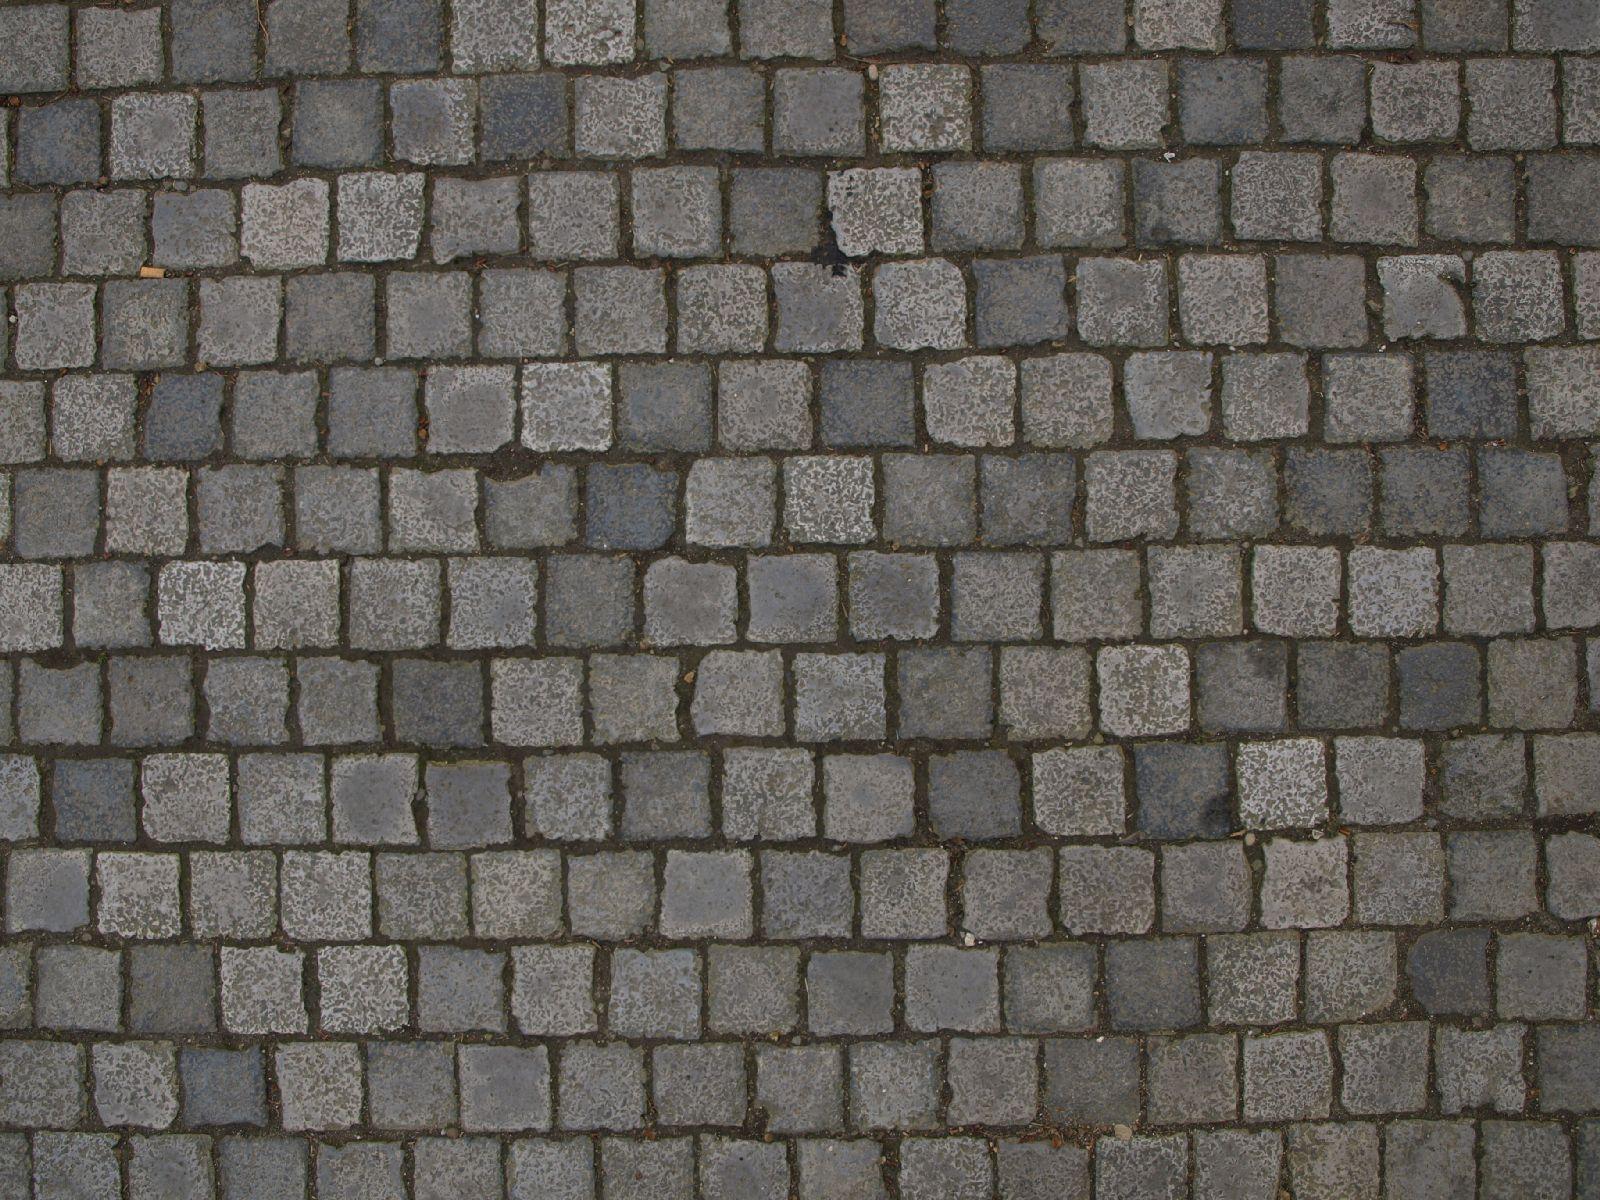 Ground-Urban_Texture_A_P4100543